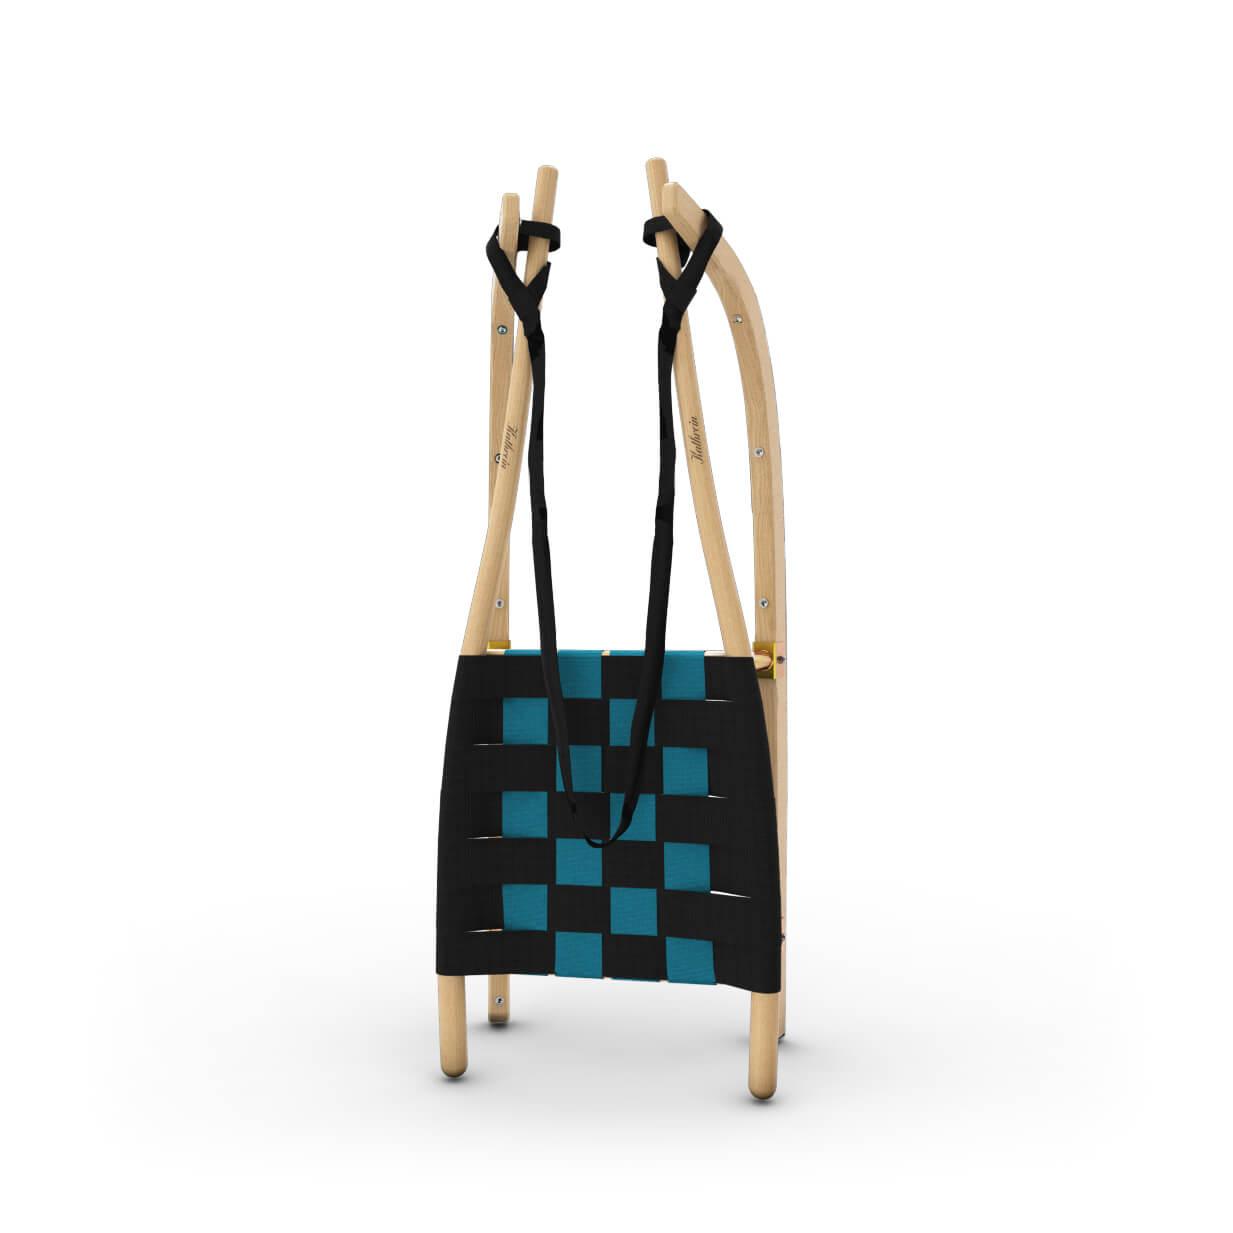 touren verleihrodel einsitzer f r 1 person kathrein rodel direkt vom hersteller. Black Bedroom Furniture Sets. Home Design Ideas